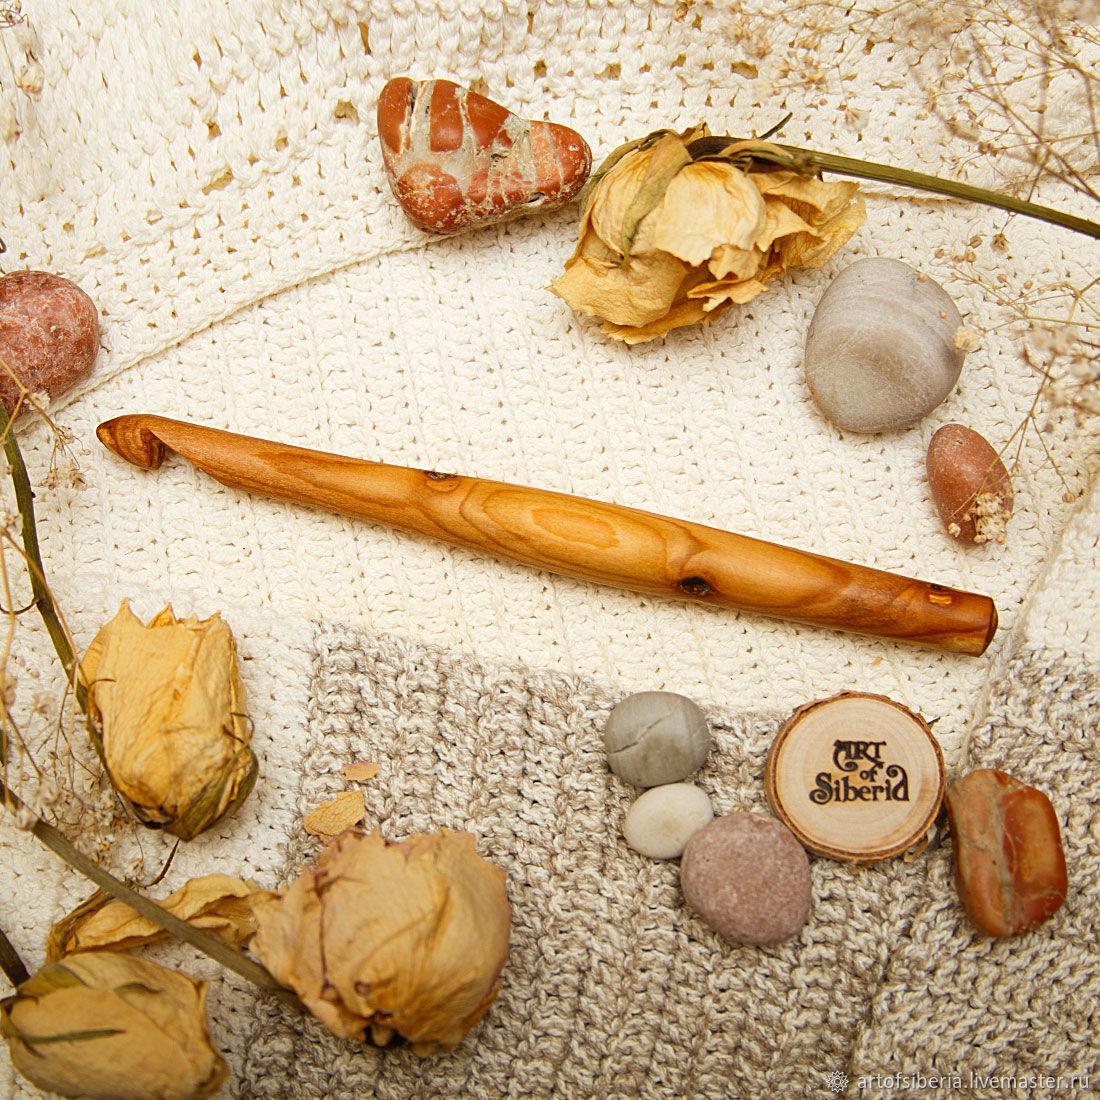 Деревянный Крючок для вязания 11 мм  Вишня Крючки из дерева #K56, Инструменты, Новокузнецк, Фото №1